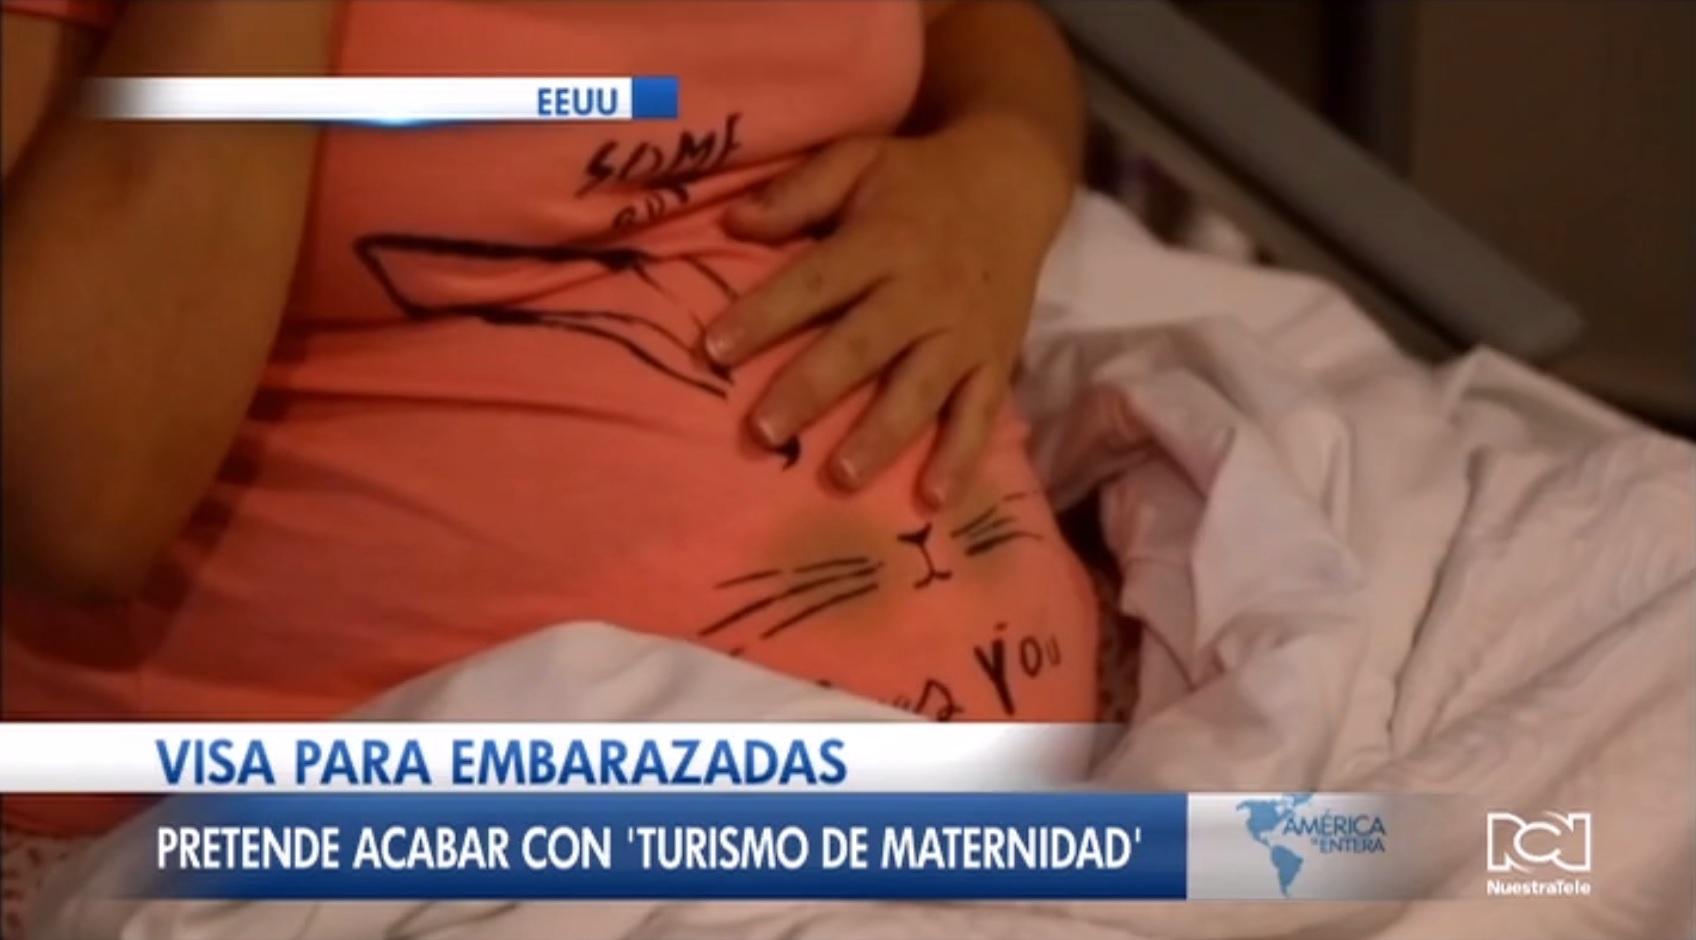 Estados Unidos negará visas a mujeres embarazadas